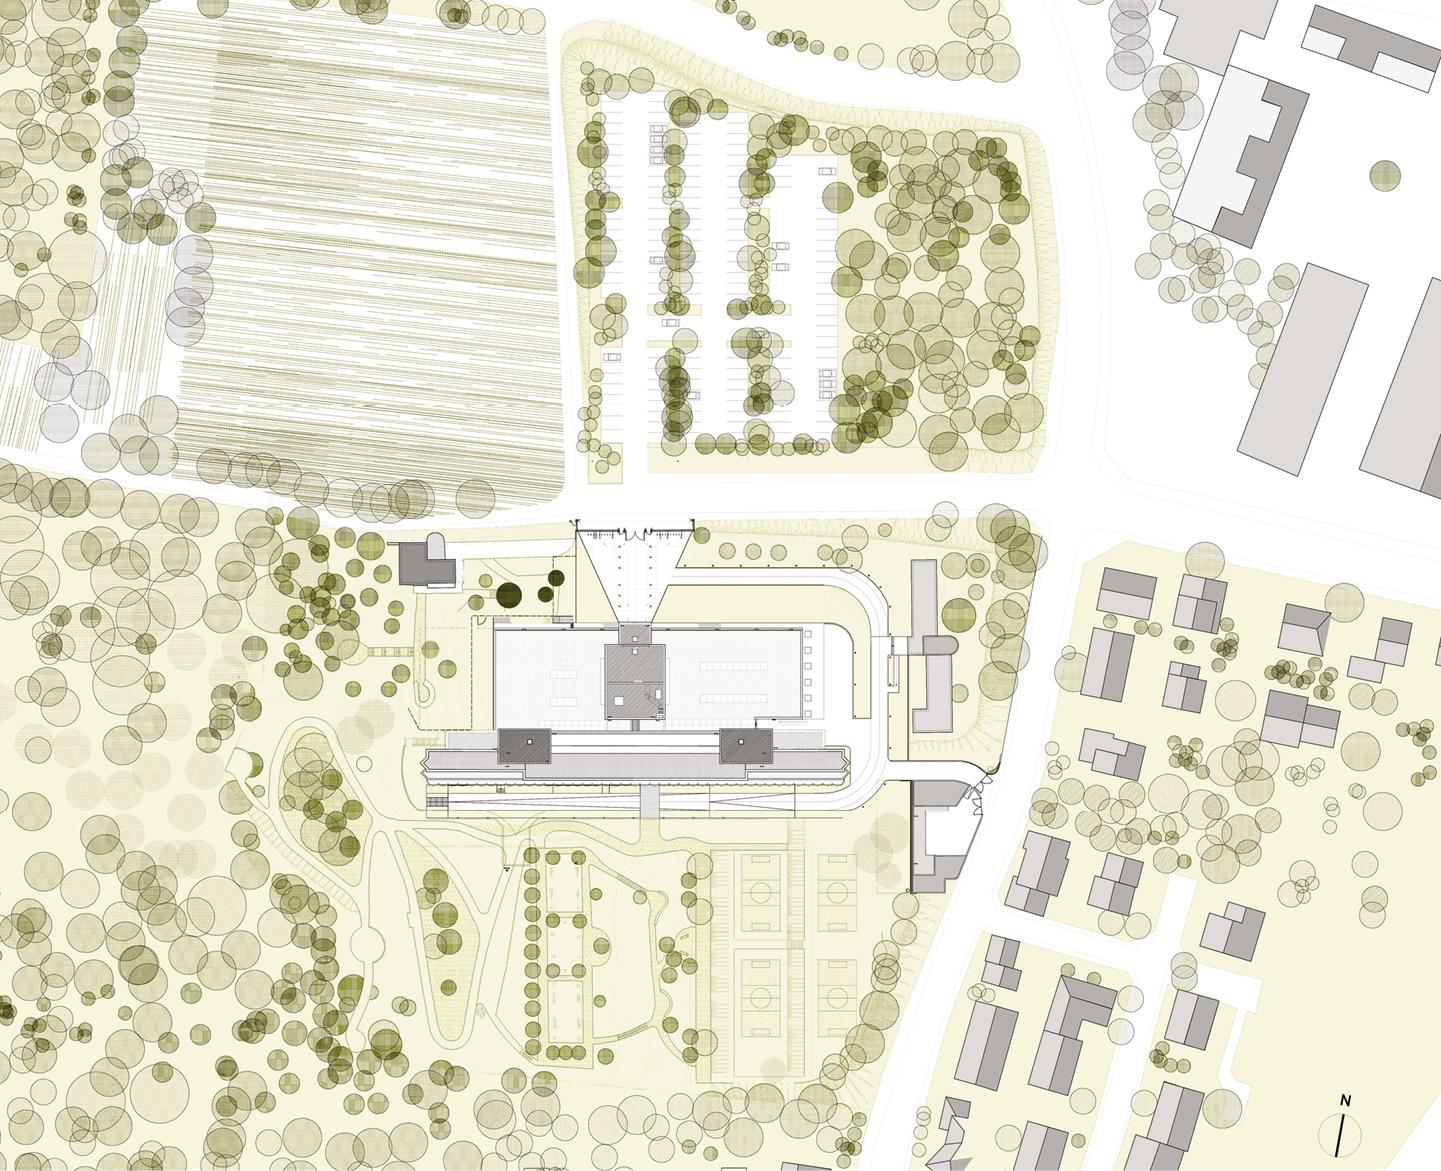 École D Architecture Clermont du besset-lyon École d'architecture clermont-ferrand